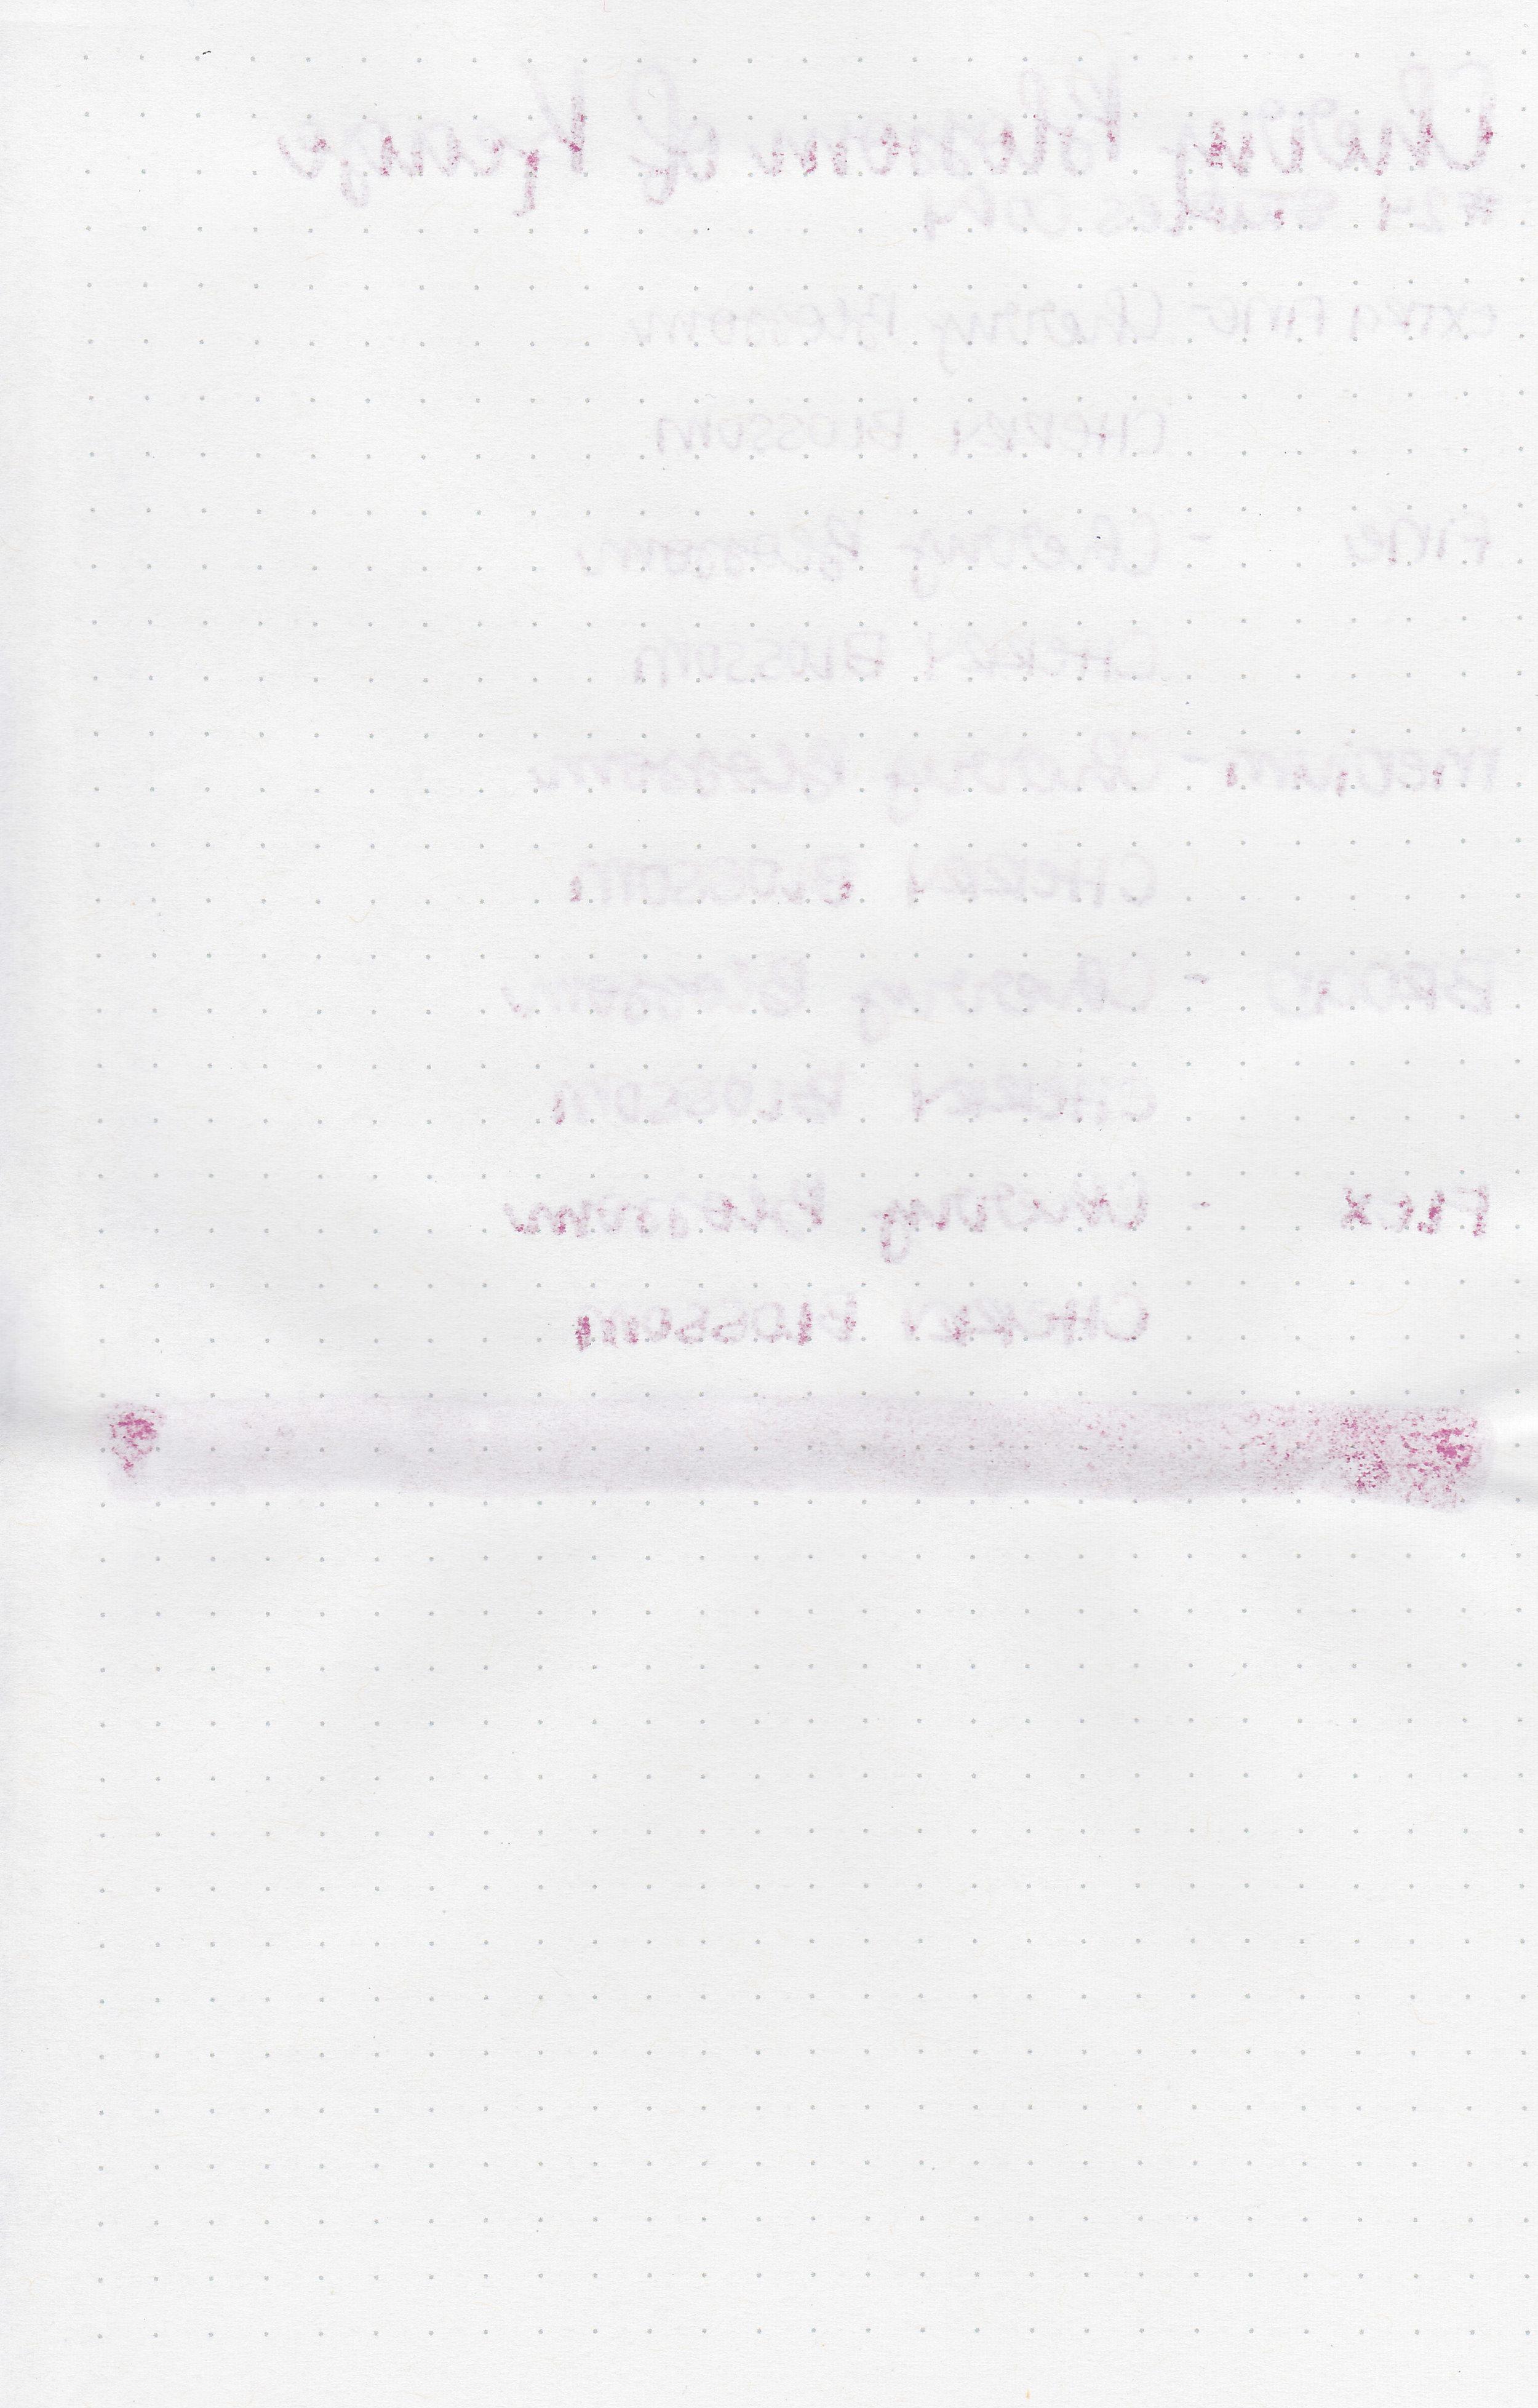 kyo-cherry-blossom-12.jpg